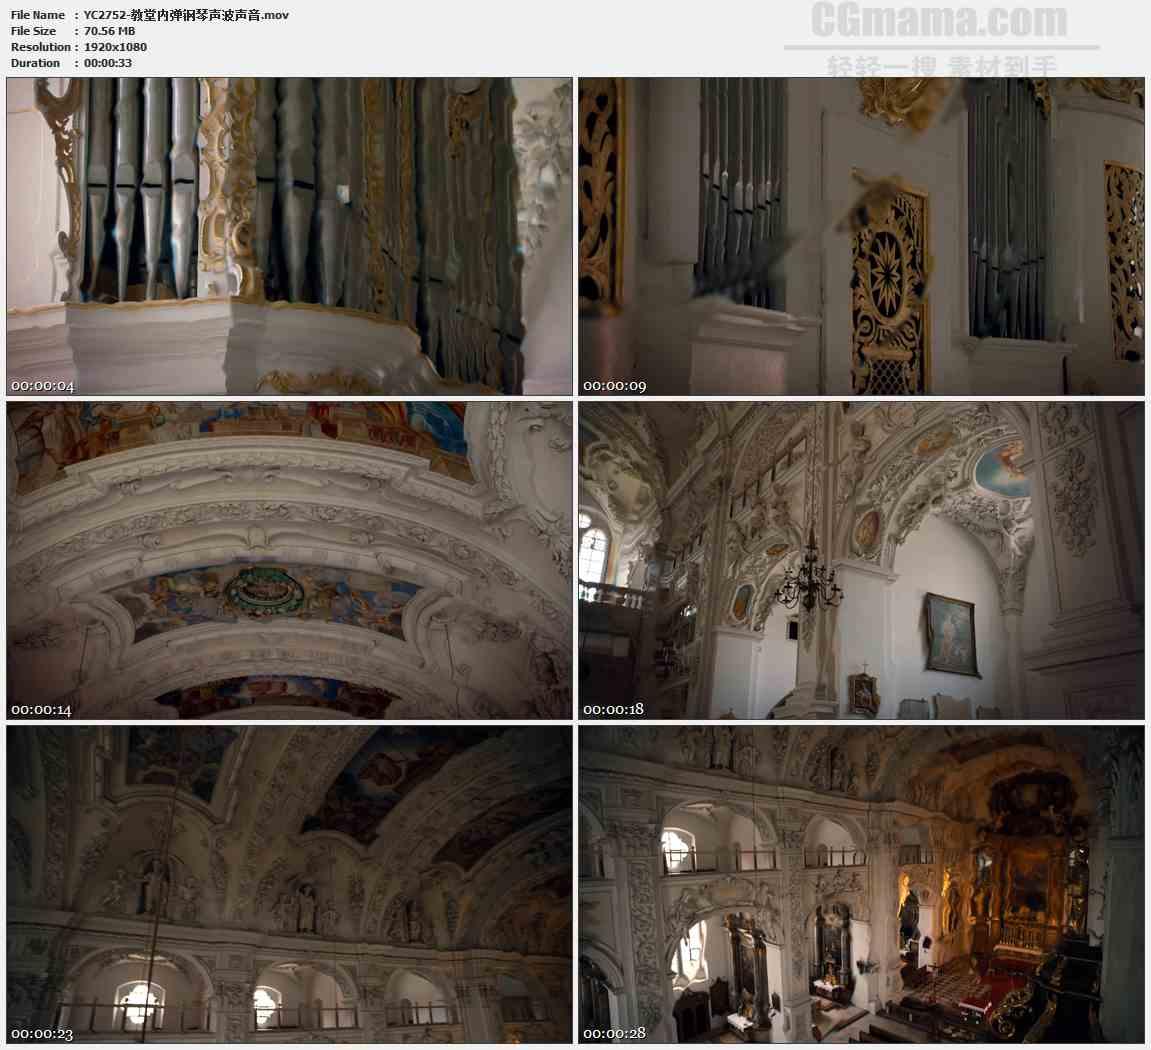 YC2752-教堂内弹钢琴声波声音高清实拍视频素材